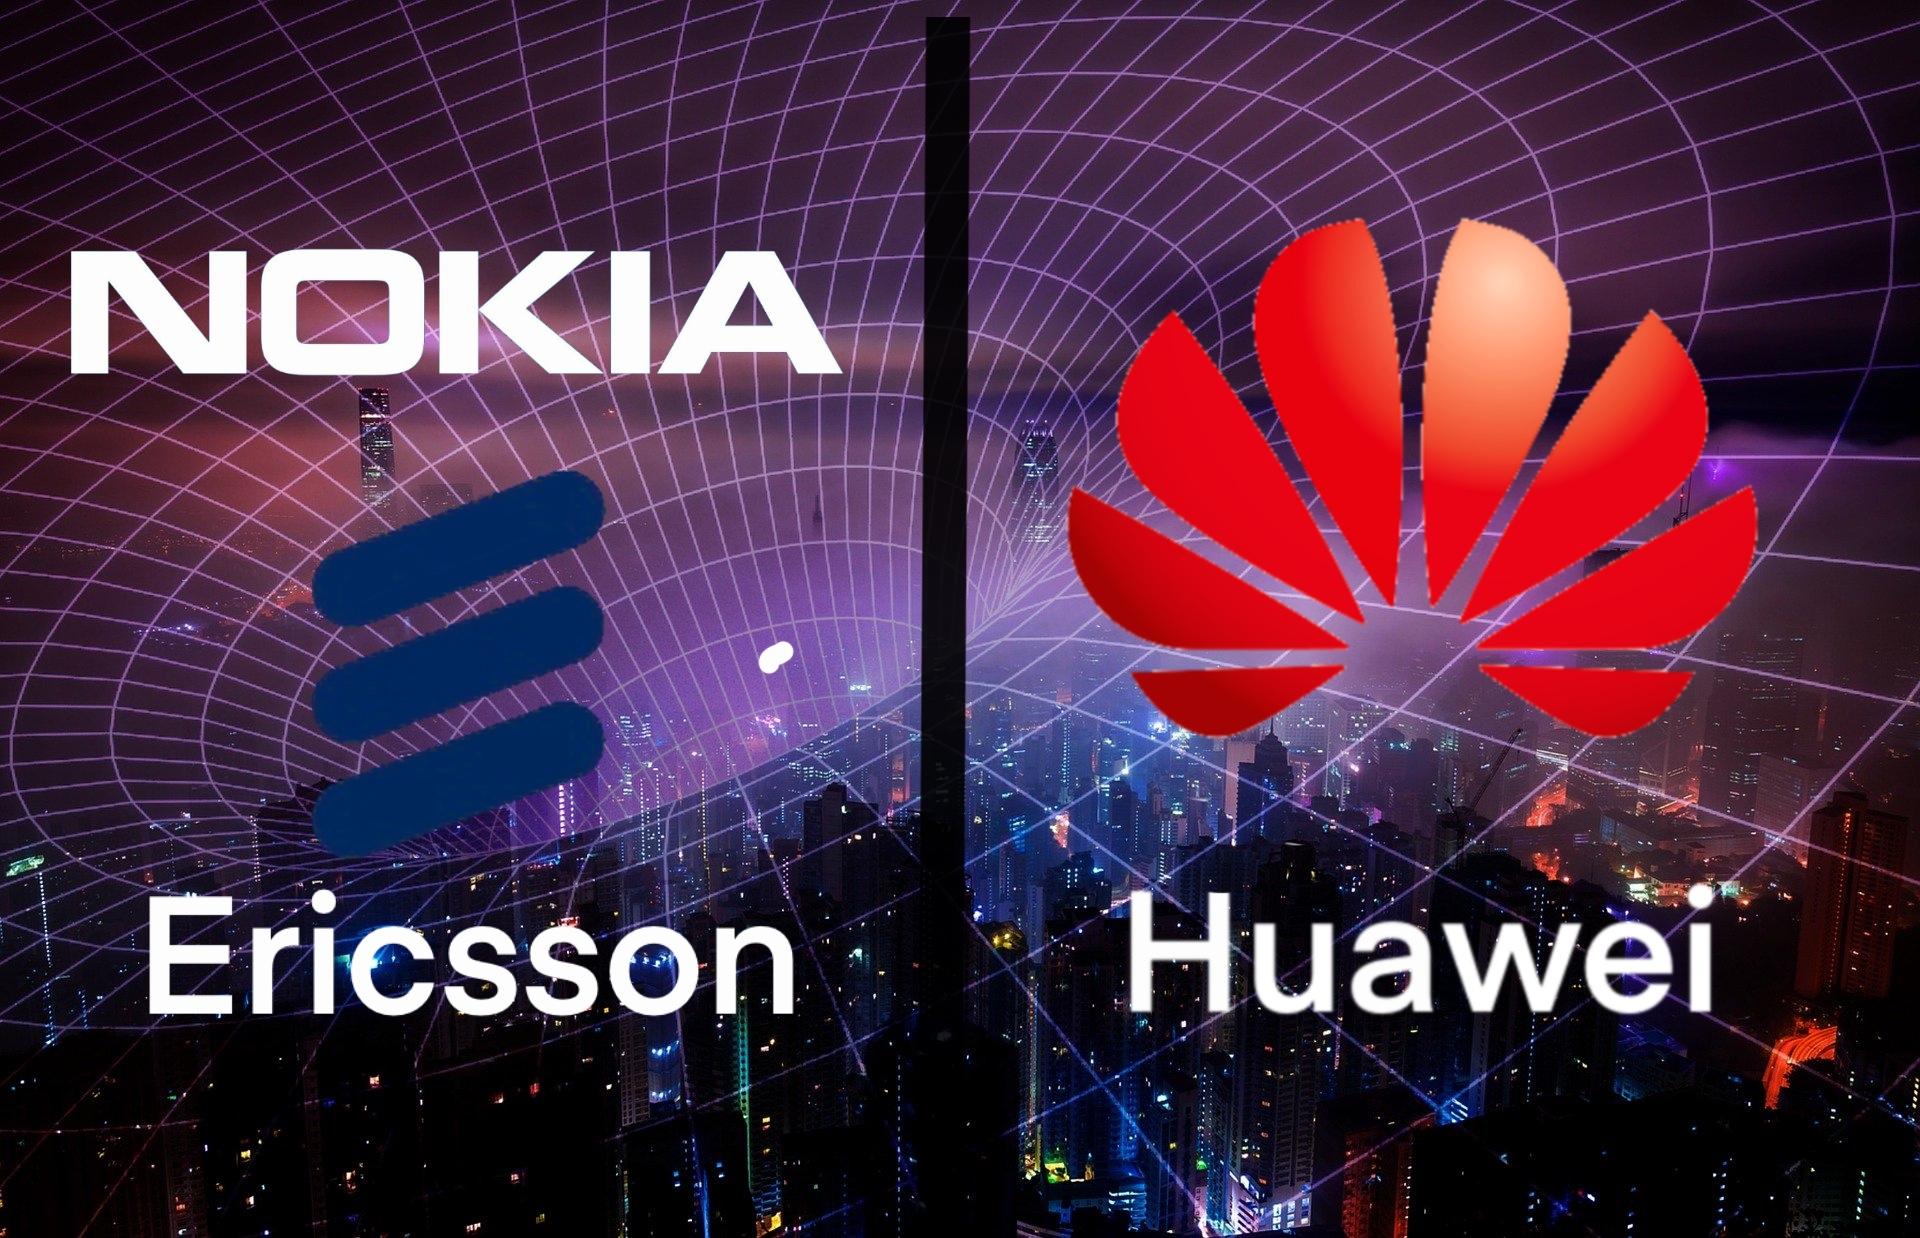 Huawei Nokia Ericsson